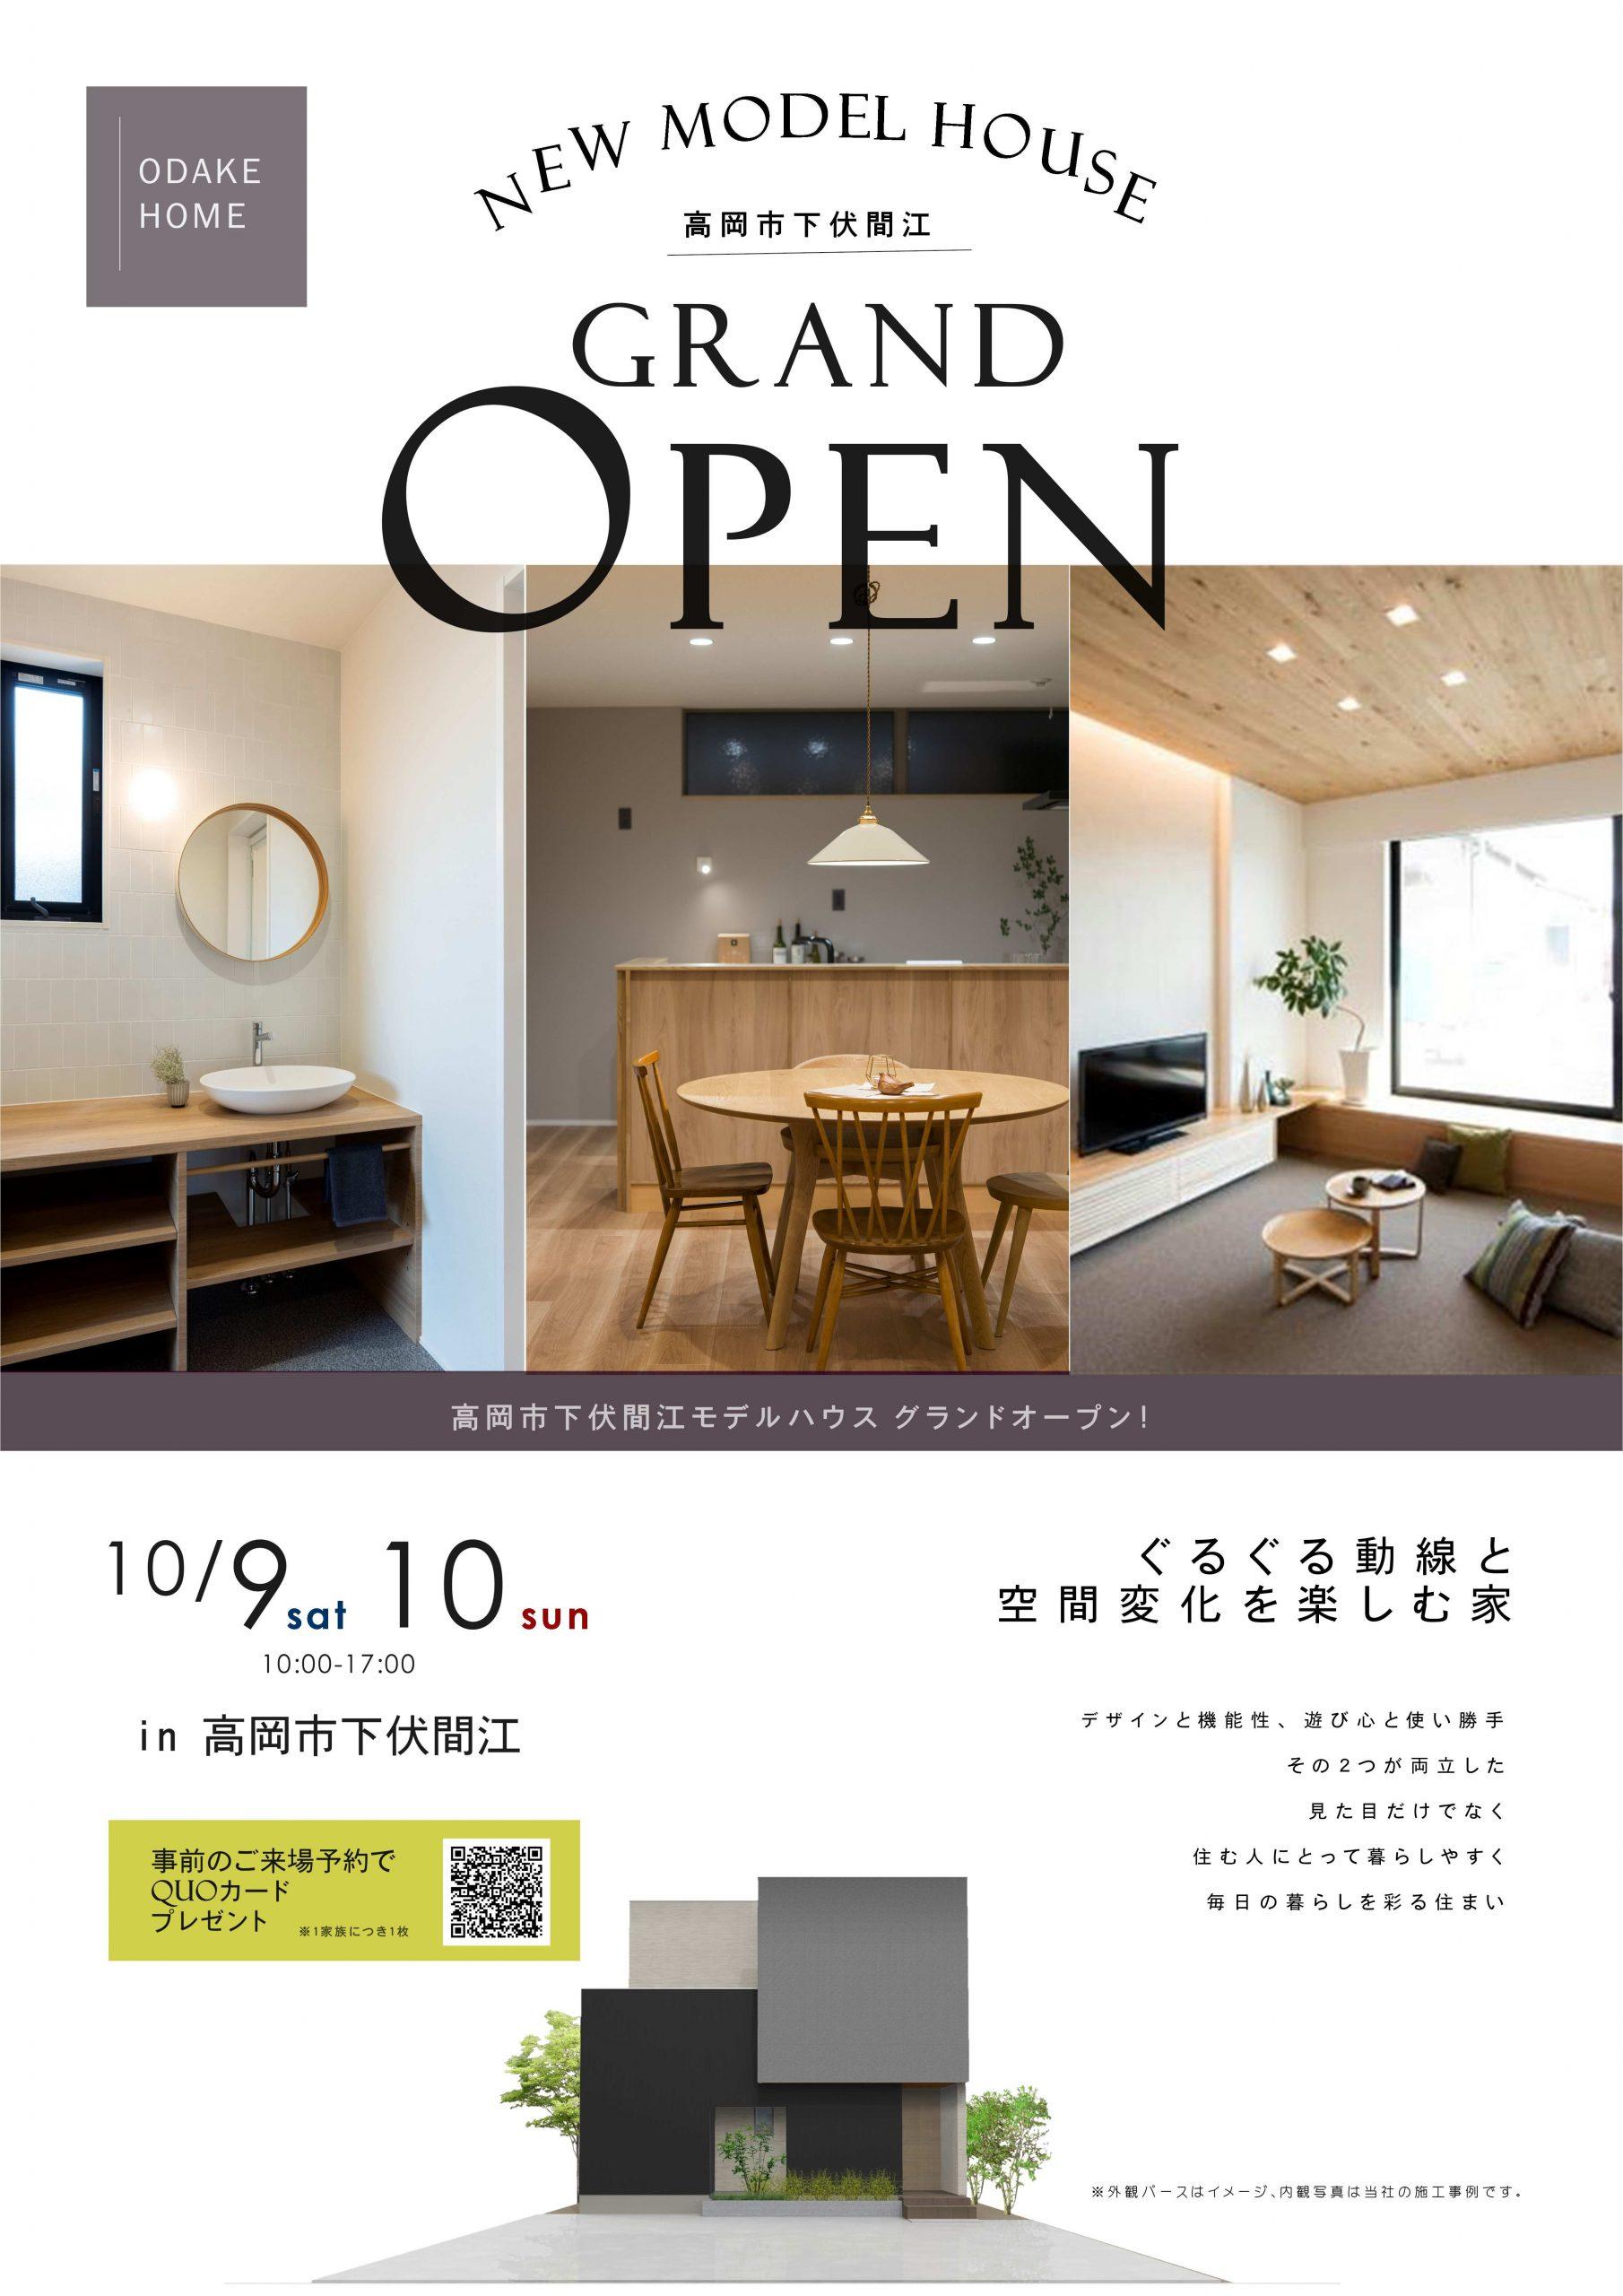 10/9(土)~10(日)高岡市下伏間江モデルハウスGRAND OPEN!